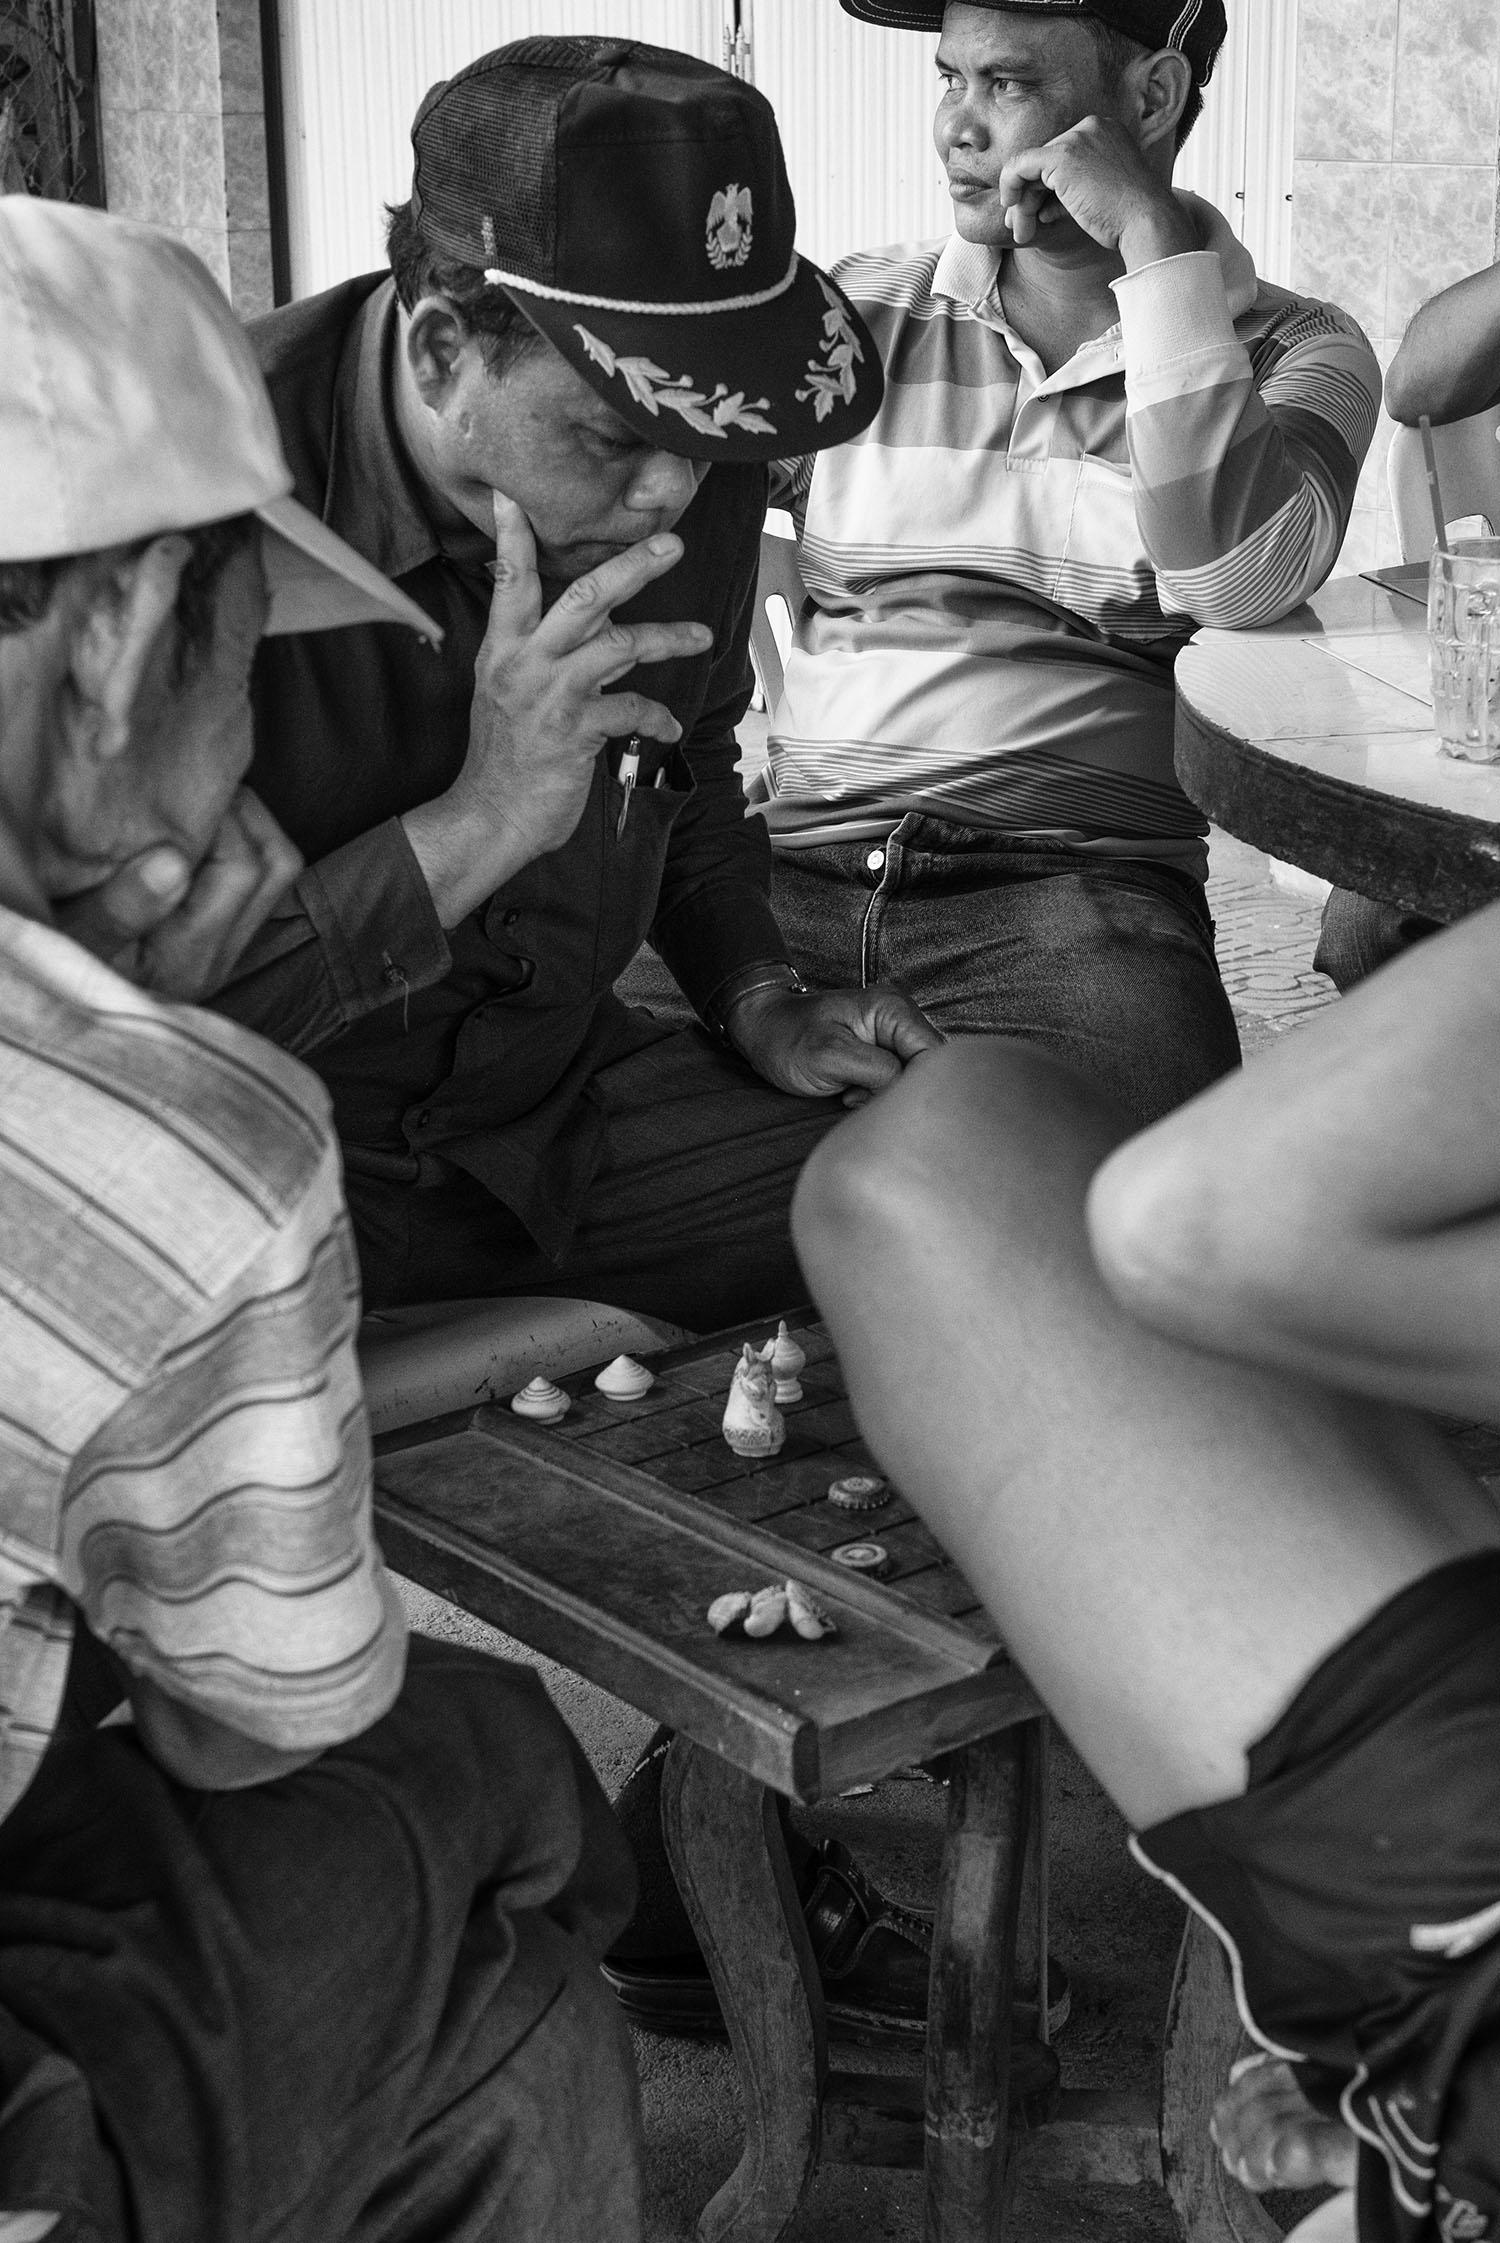 Chess players, Battambang, Cambodia, 2015